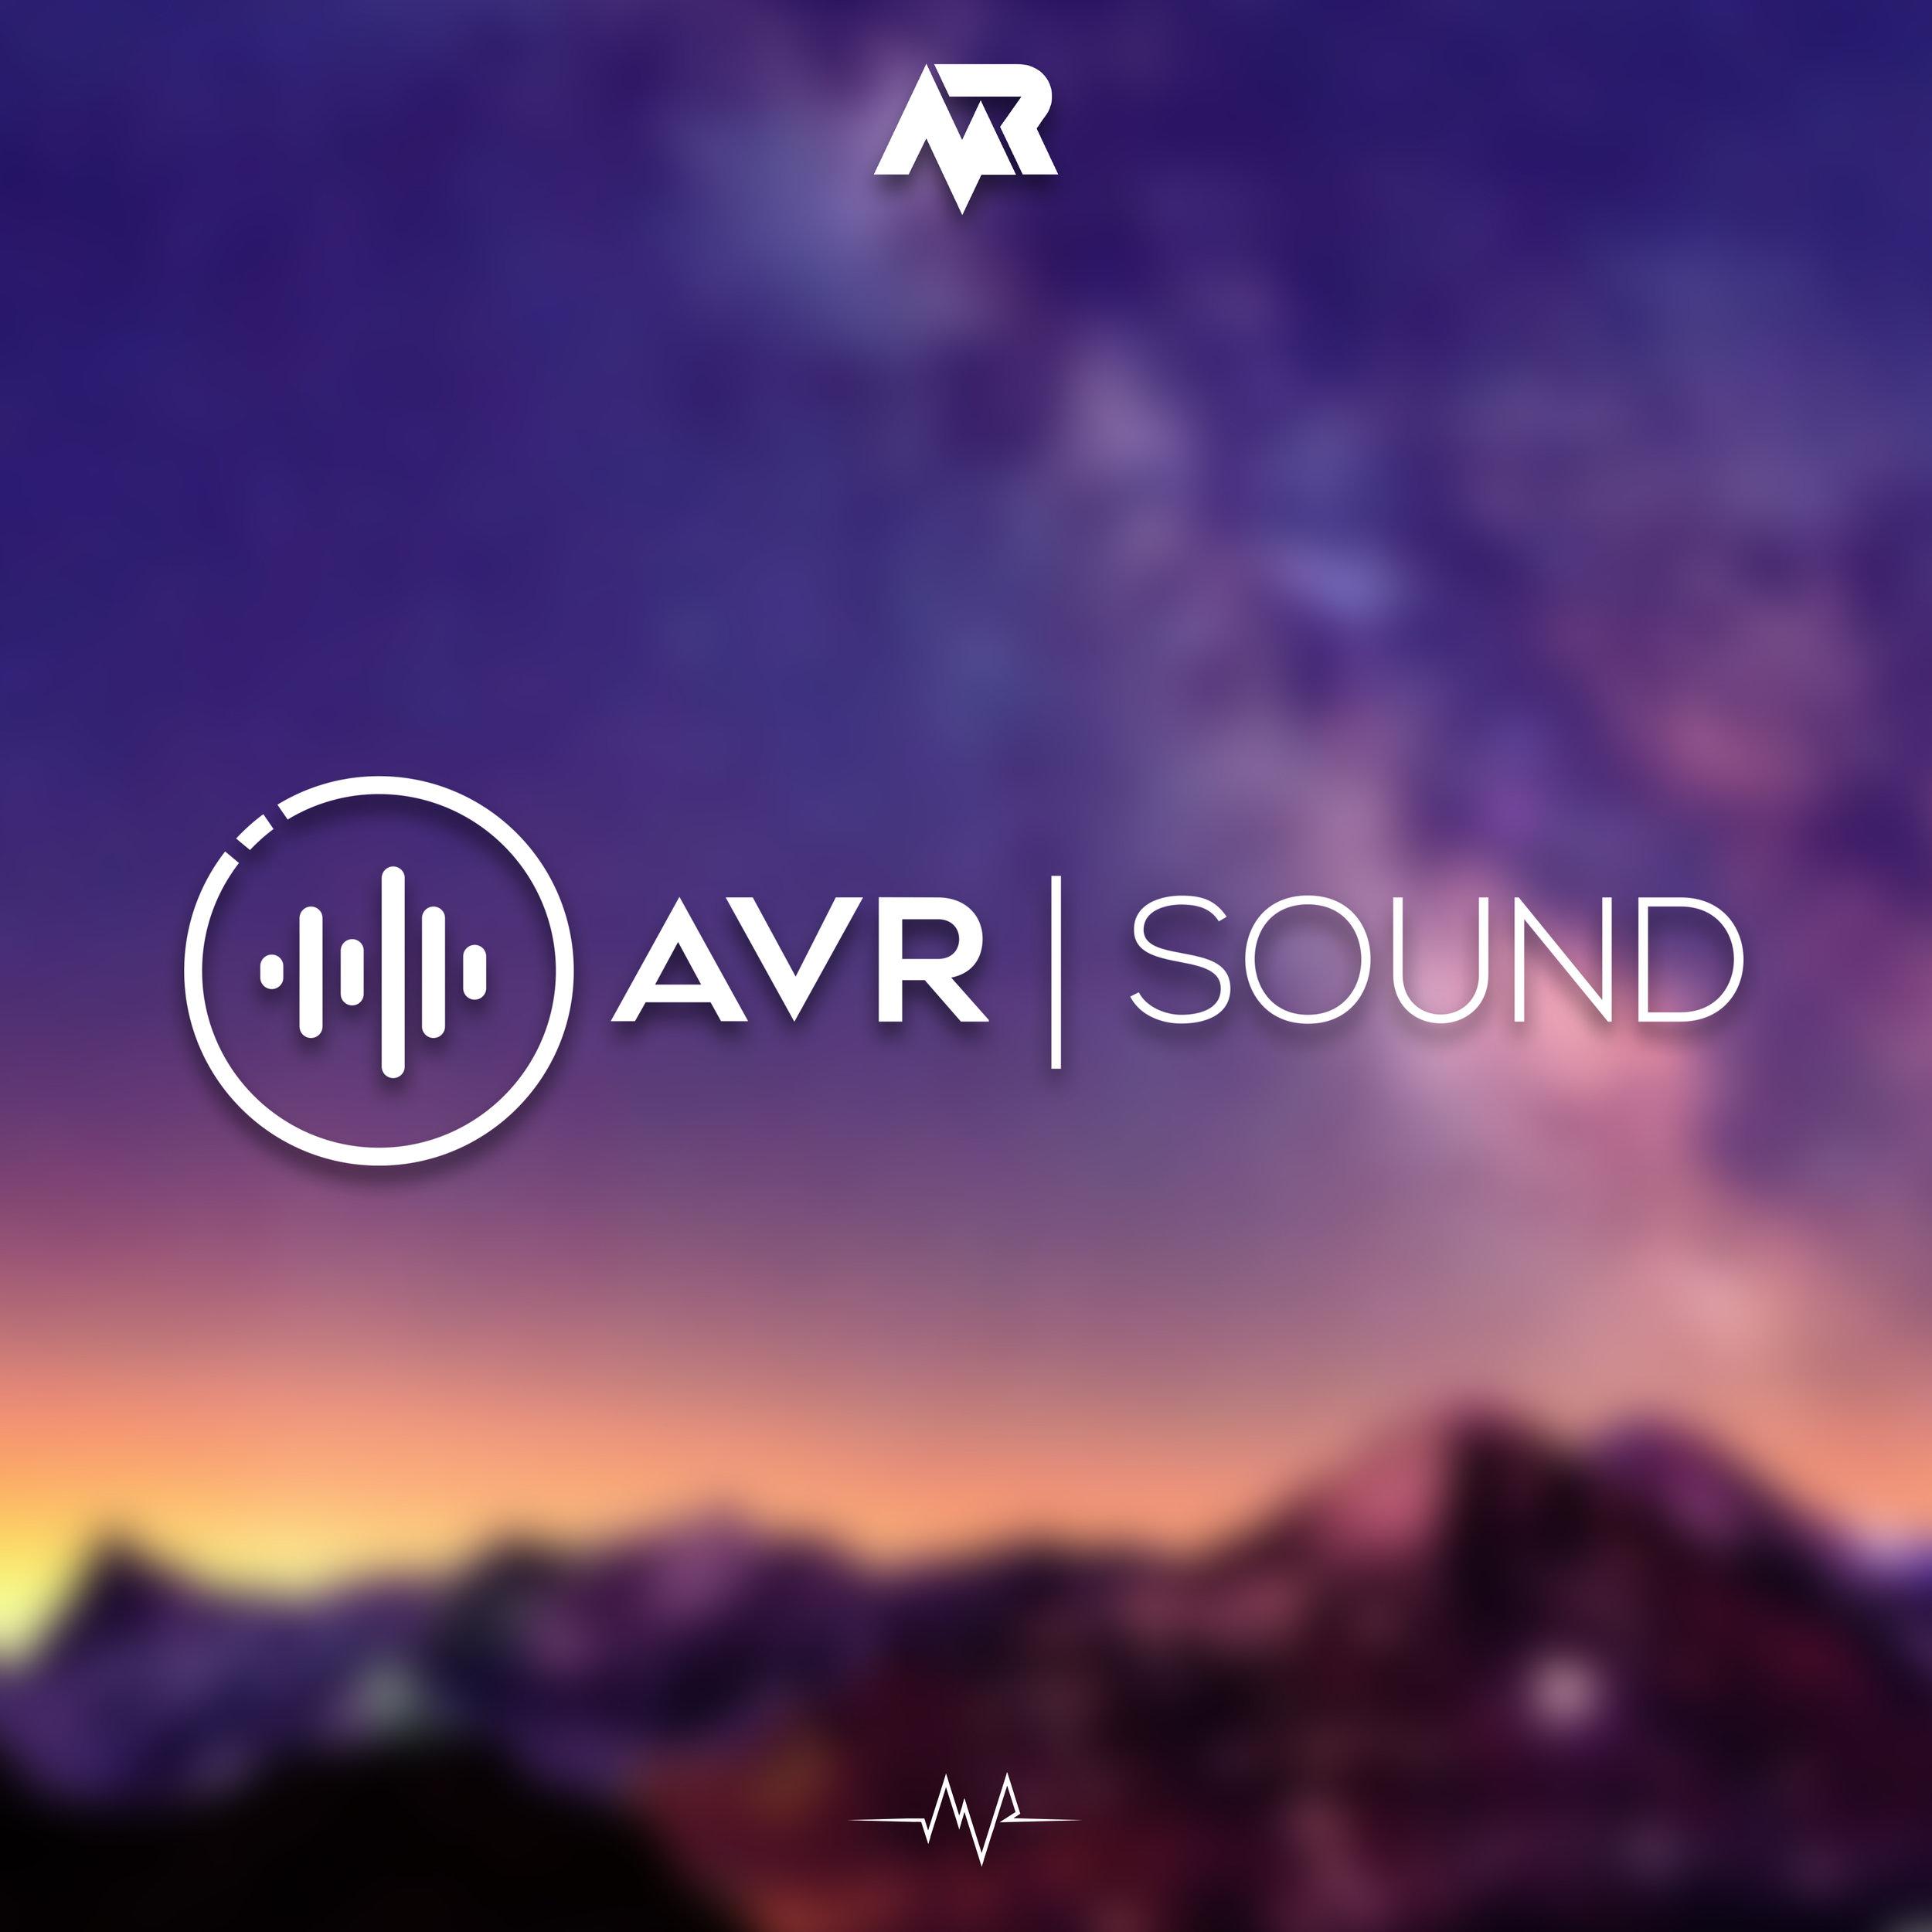 AVR Sound Pic 02.jpg